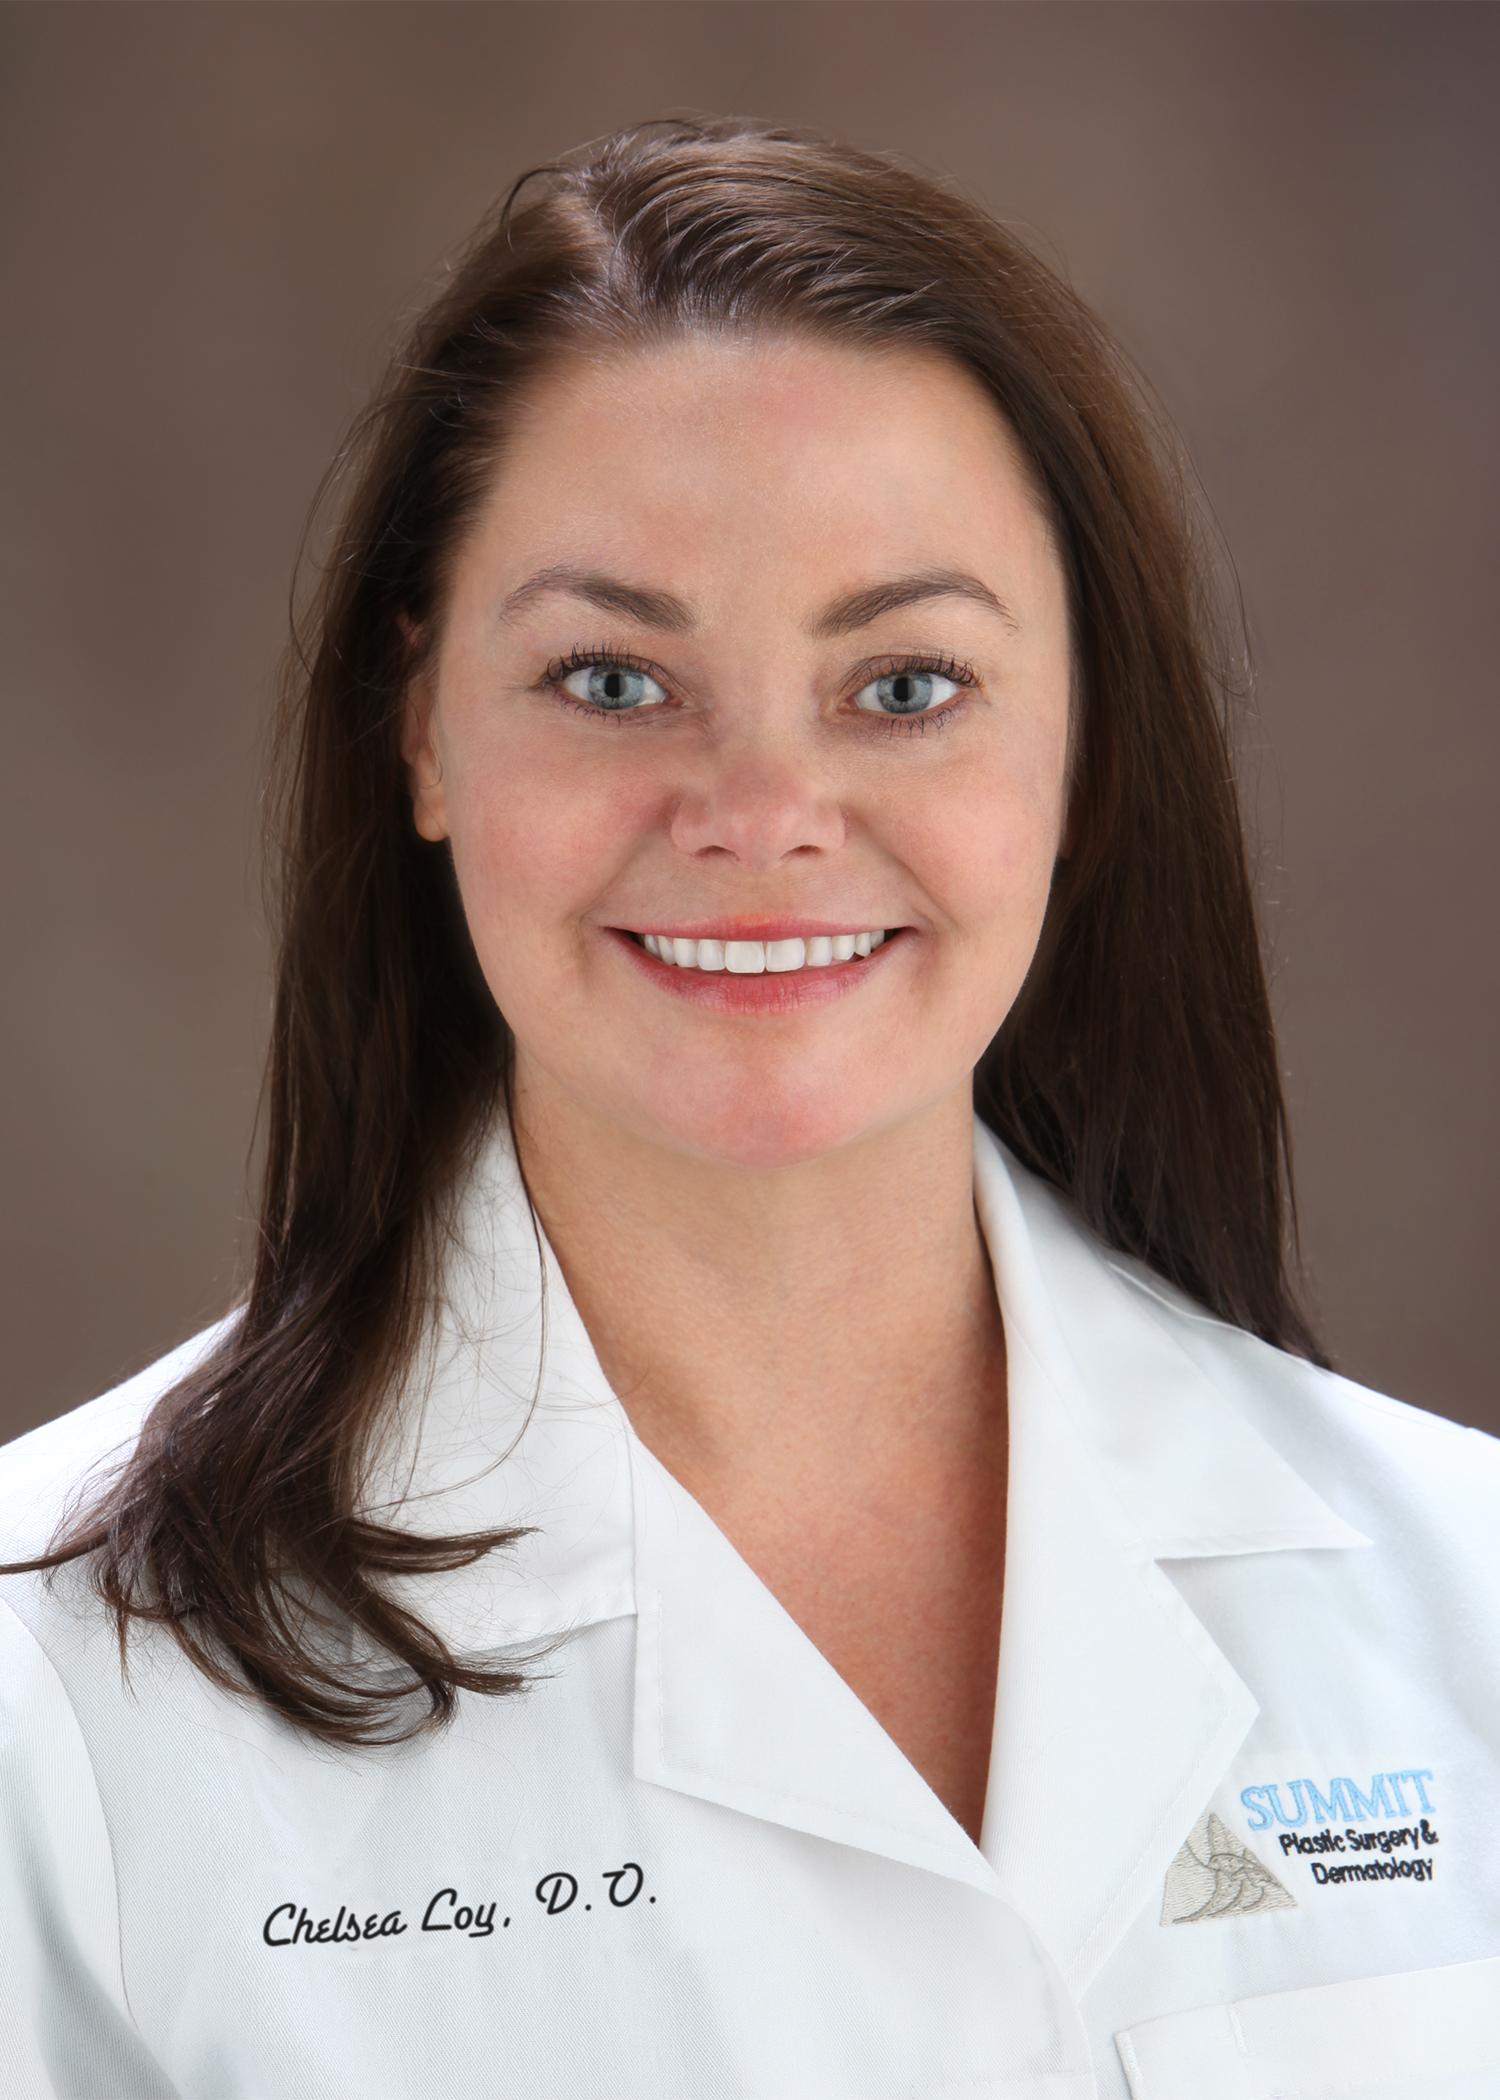 Dr. Chelsea Loy